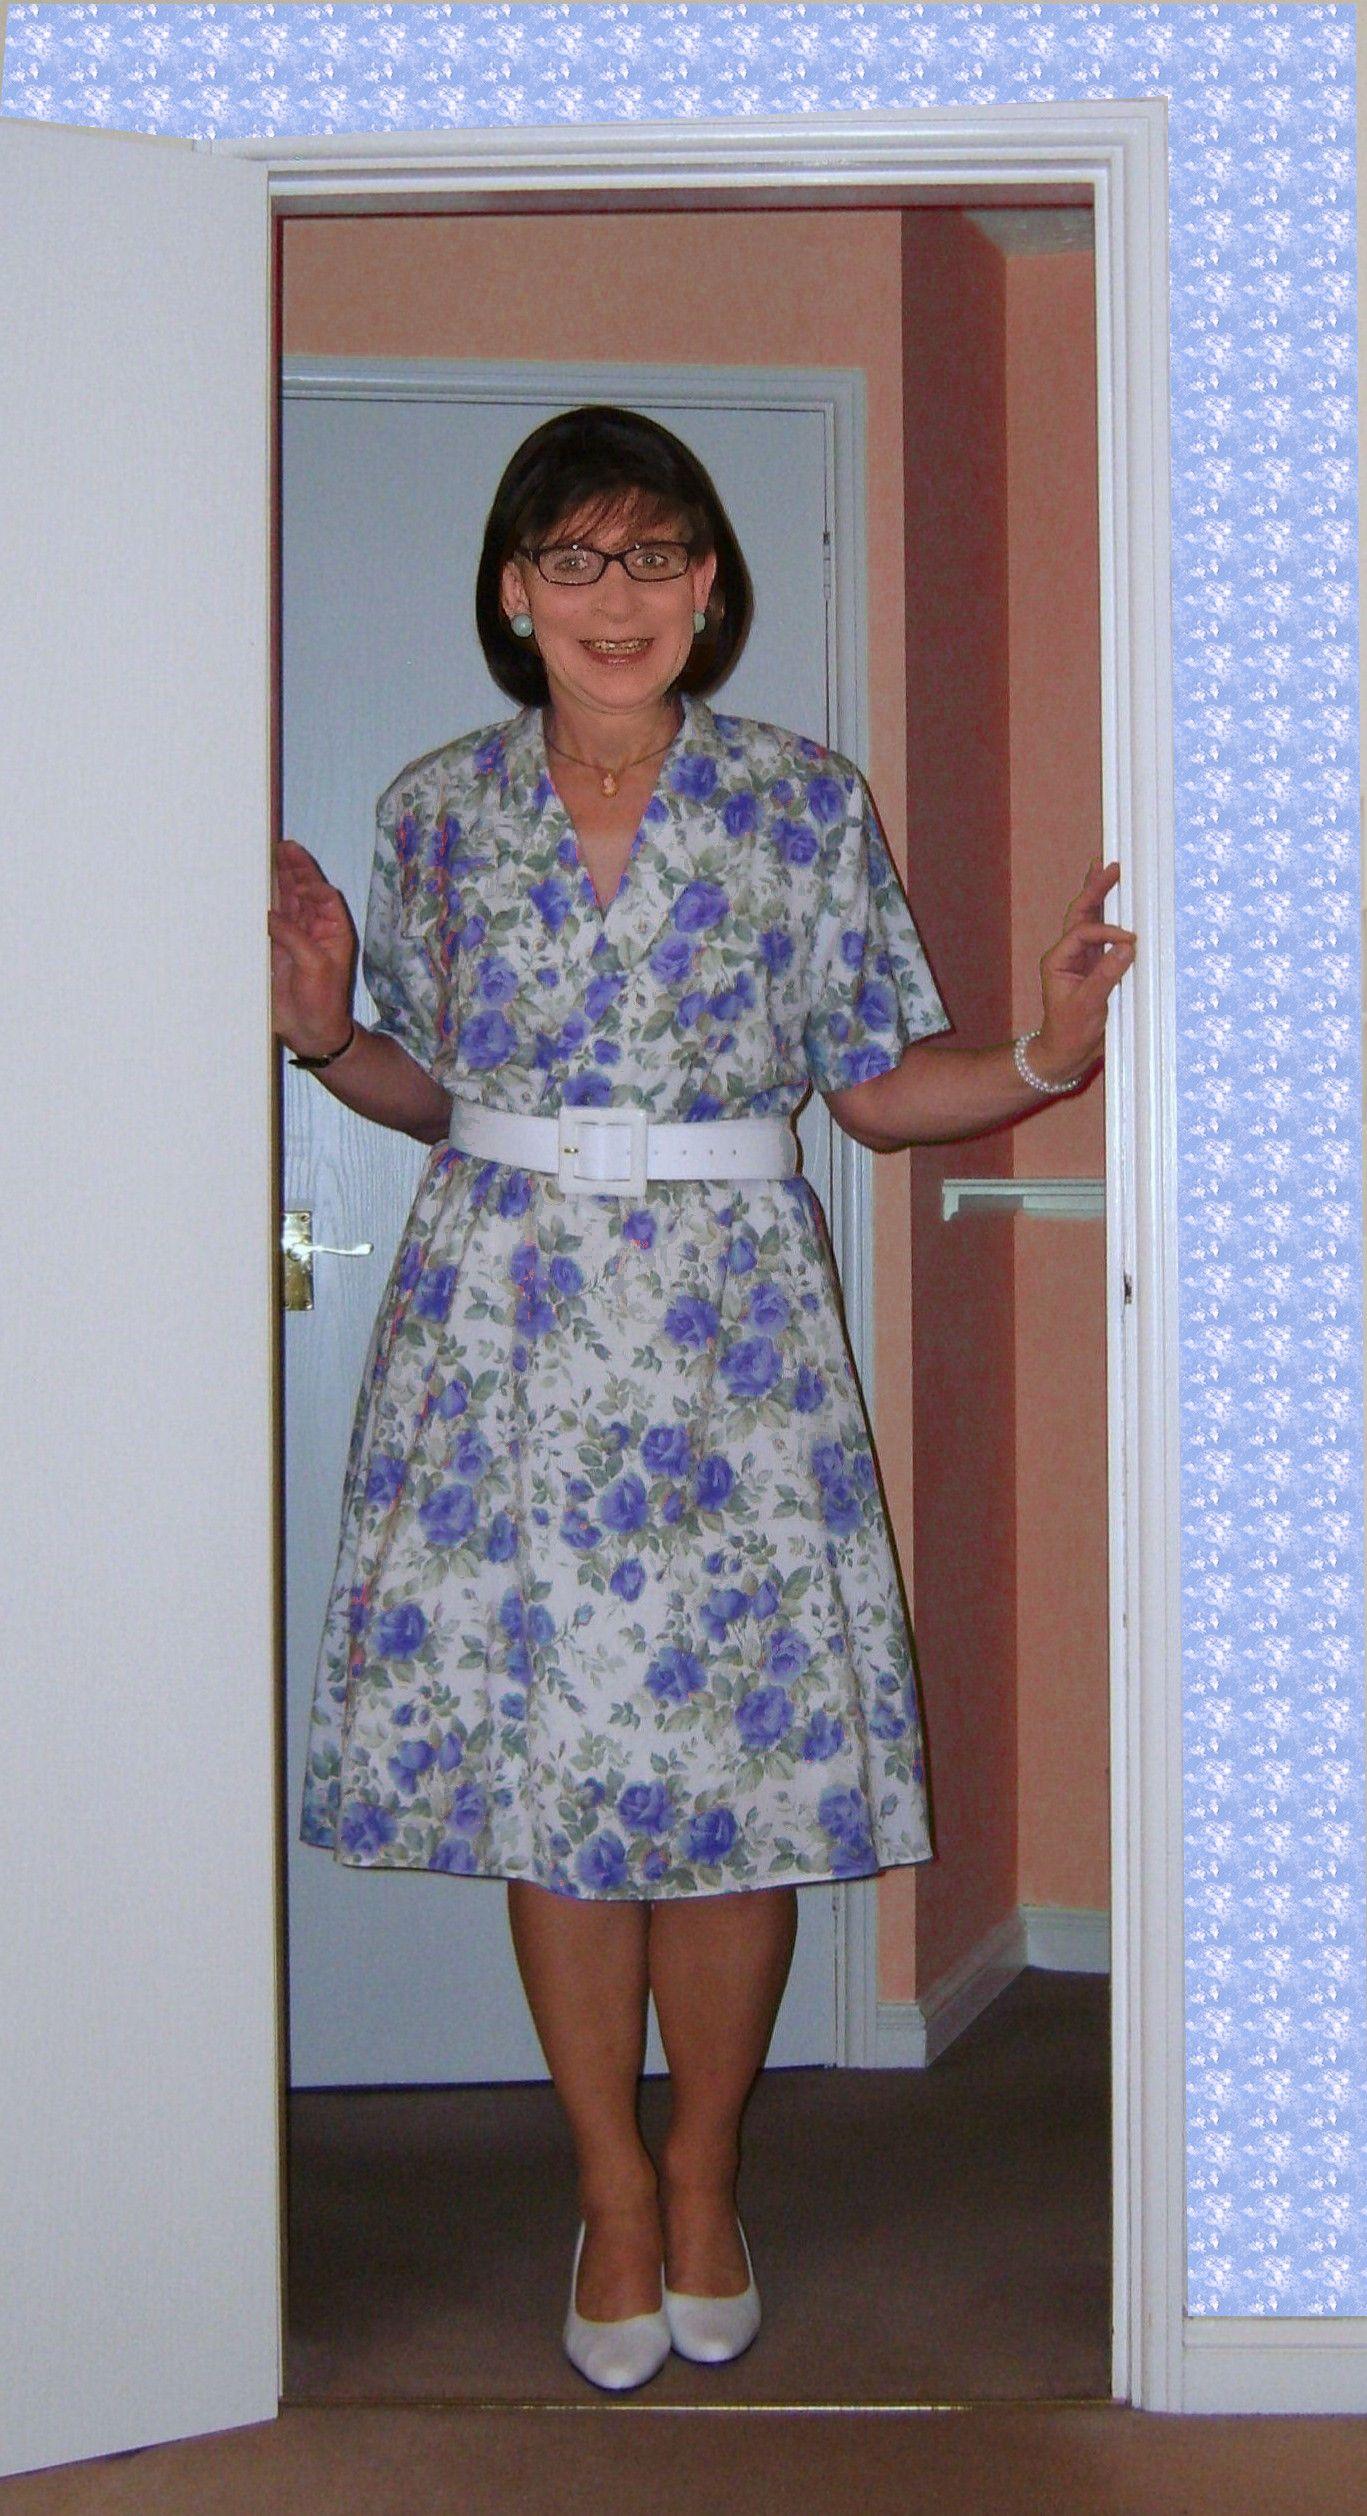 70ies dressses, 70er Jahre Kleider flowery dress, Blümchenkleid ...